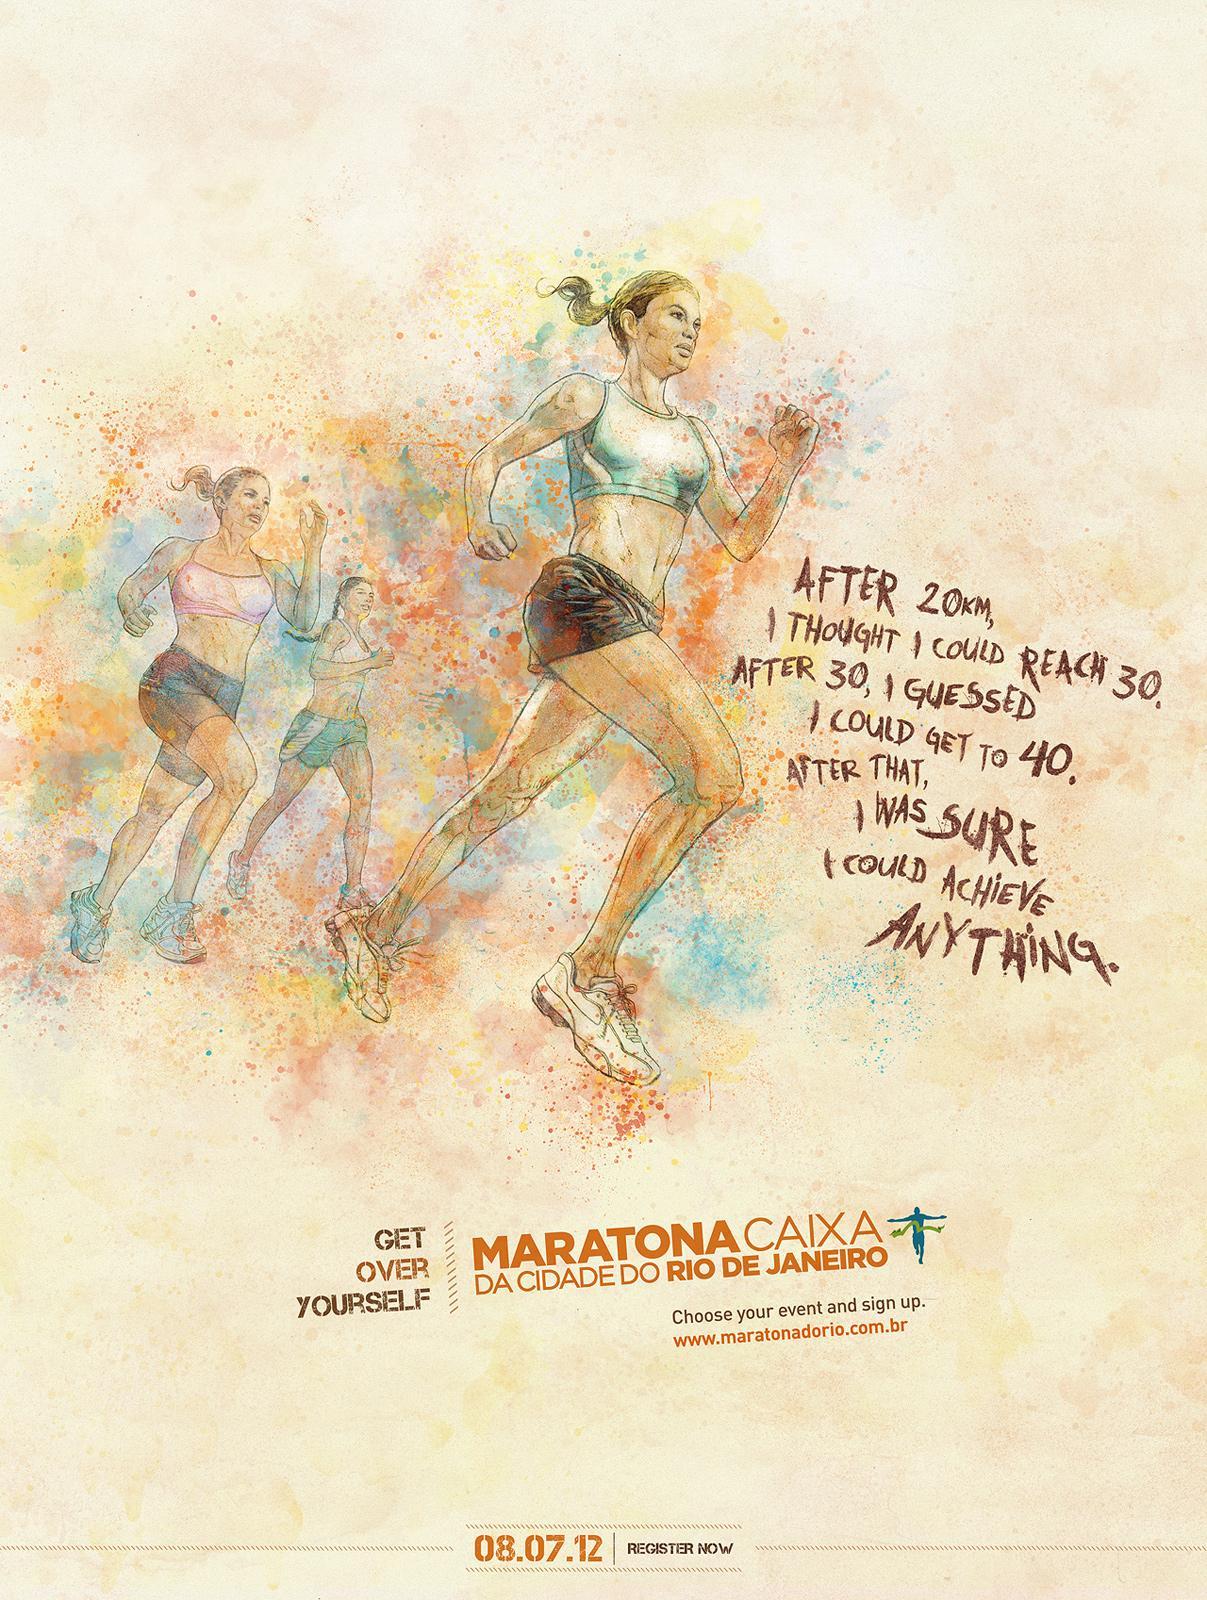 Maratona_do_Rio_Anything_ibelieveinadv.jpg (1207×1600)